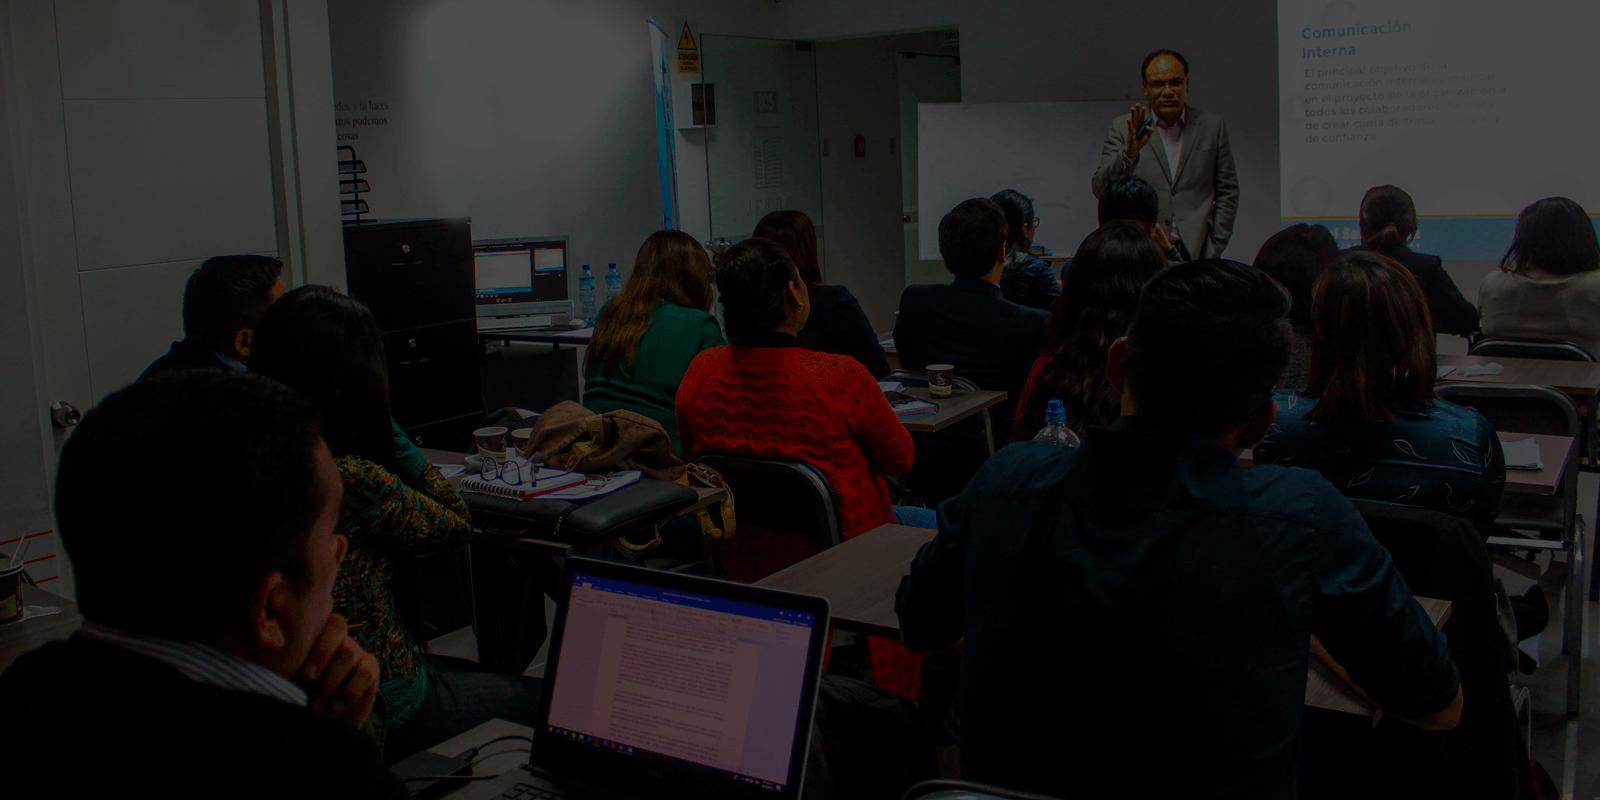 Empieza a potenciar tu talento con nuestro workshop gratuito Comunicación de Crisis